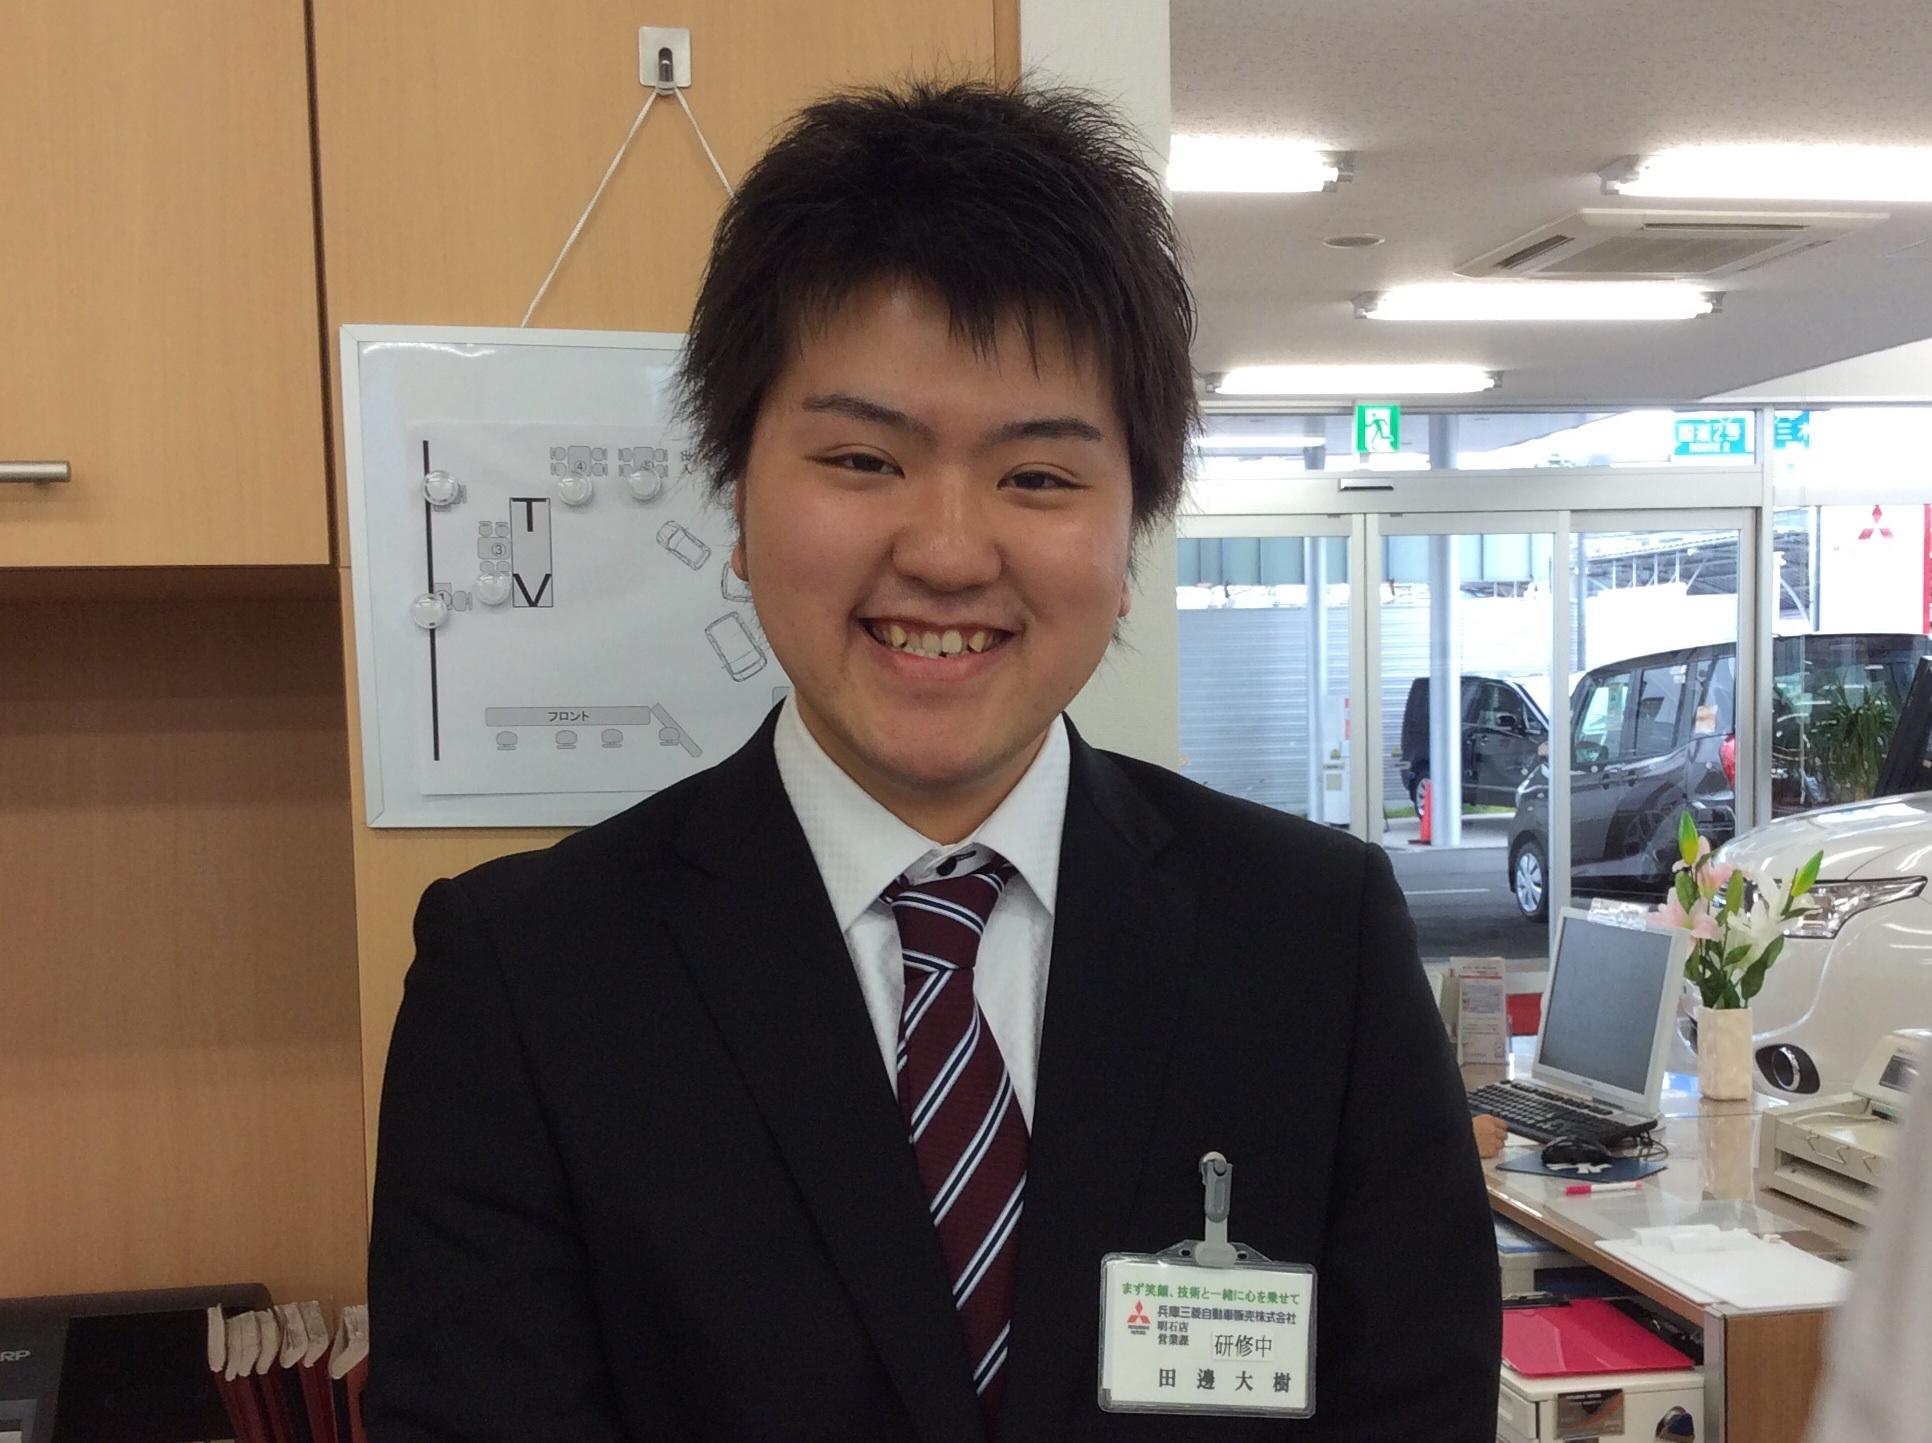 新入社員 田邊 大樹君です! なんと大学時代はエンターテイメントサークルというも... 新入社員